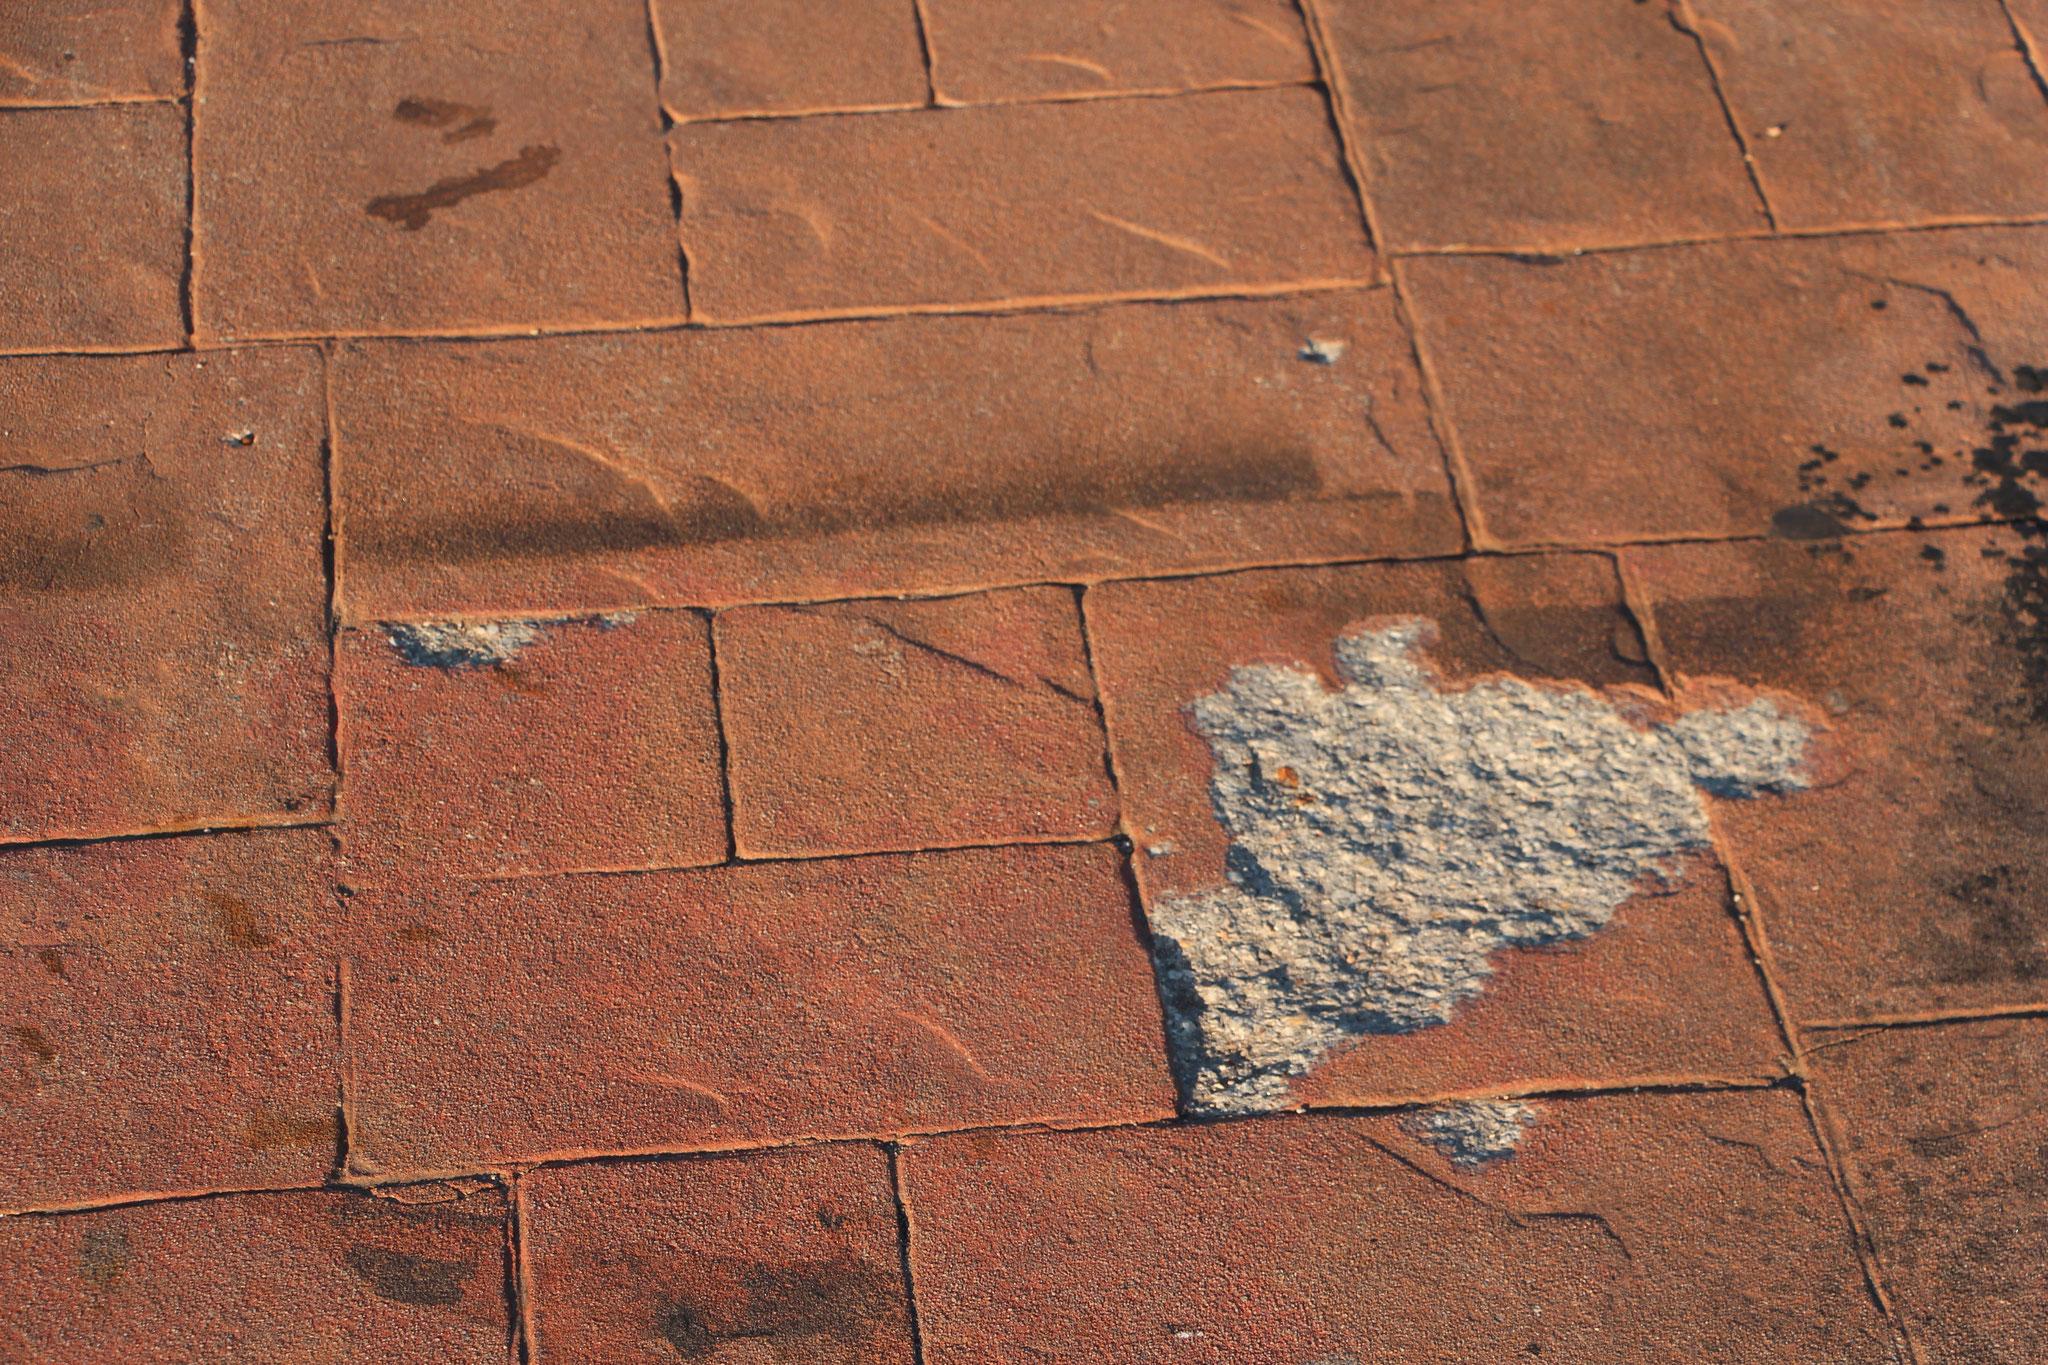 Флекс бетон это купить бетон в15 с доставкой цена